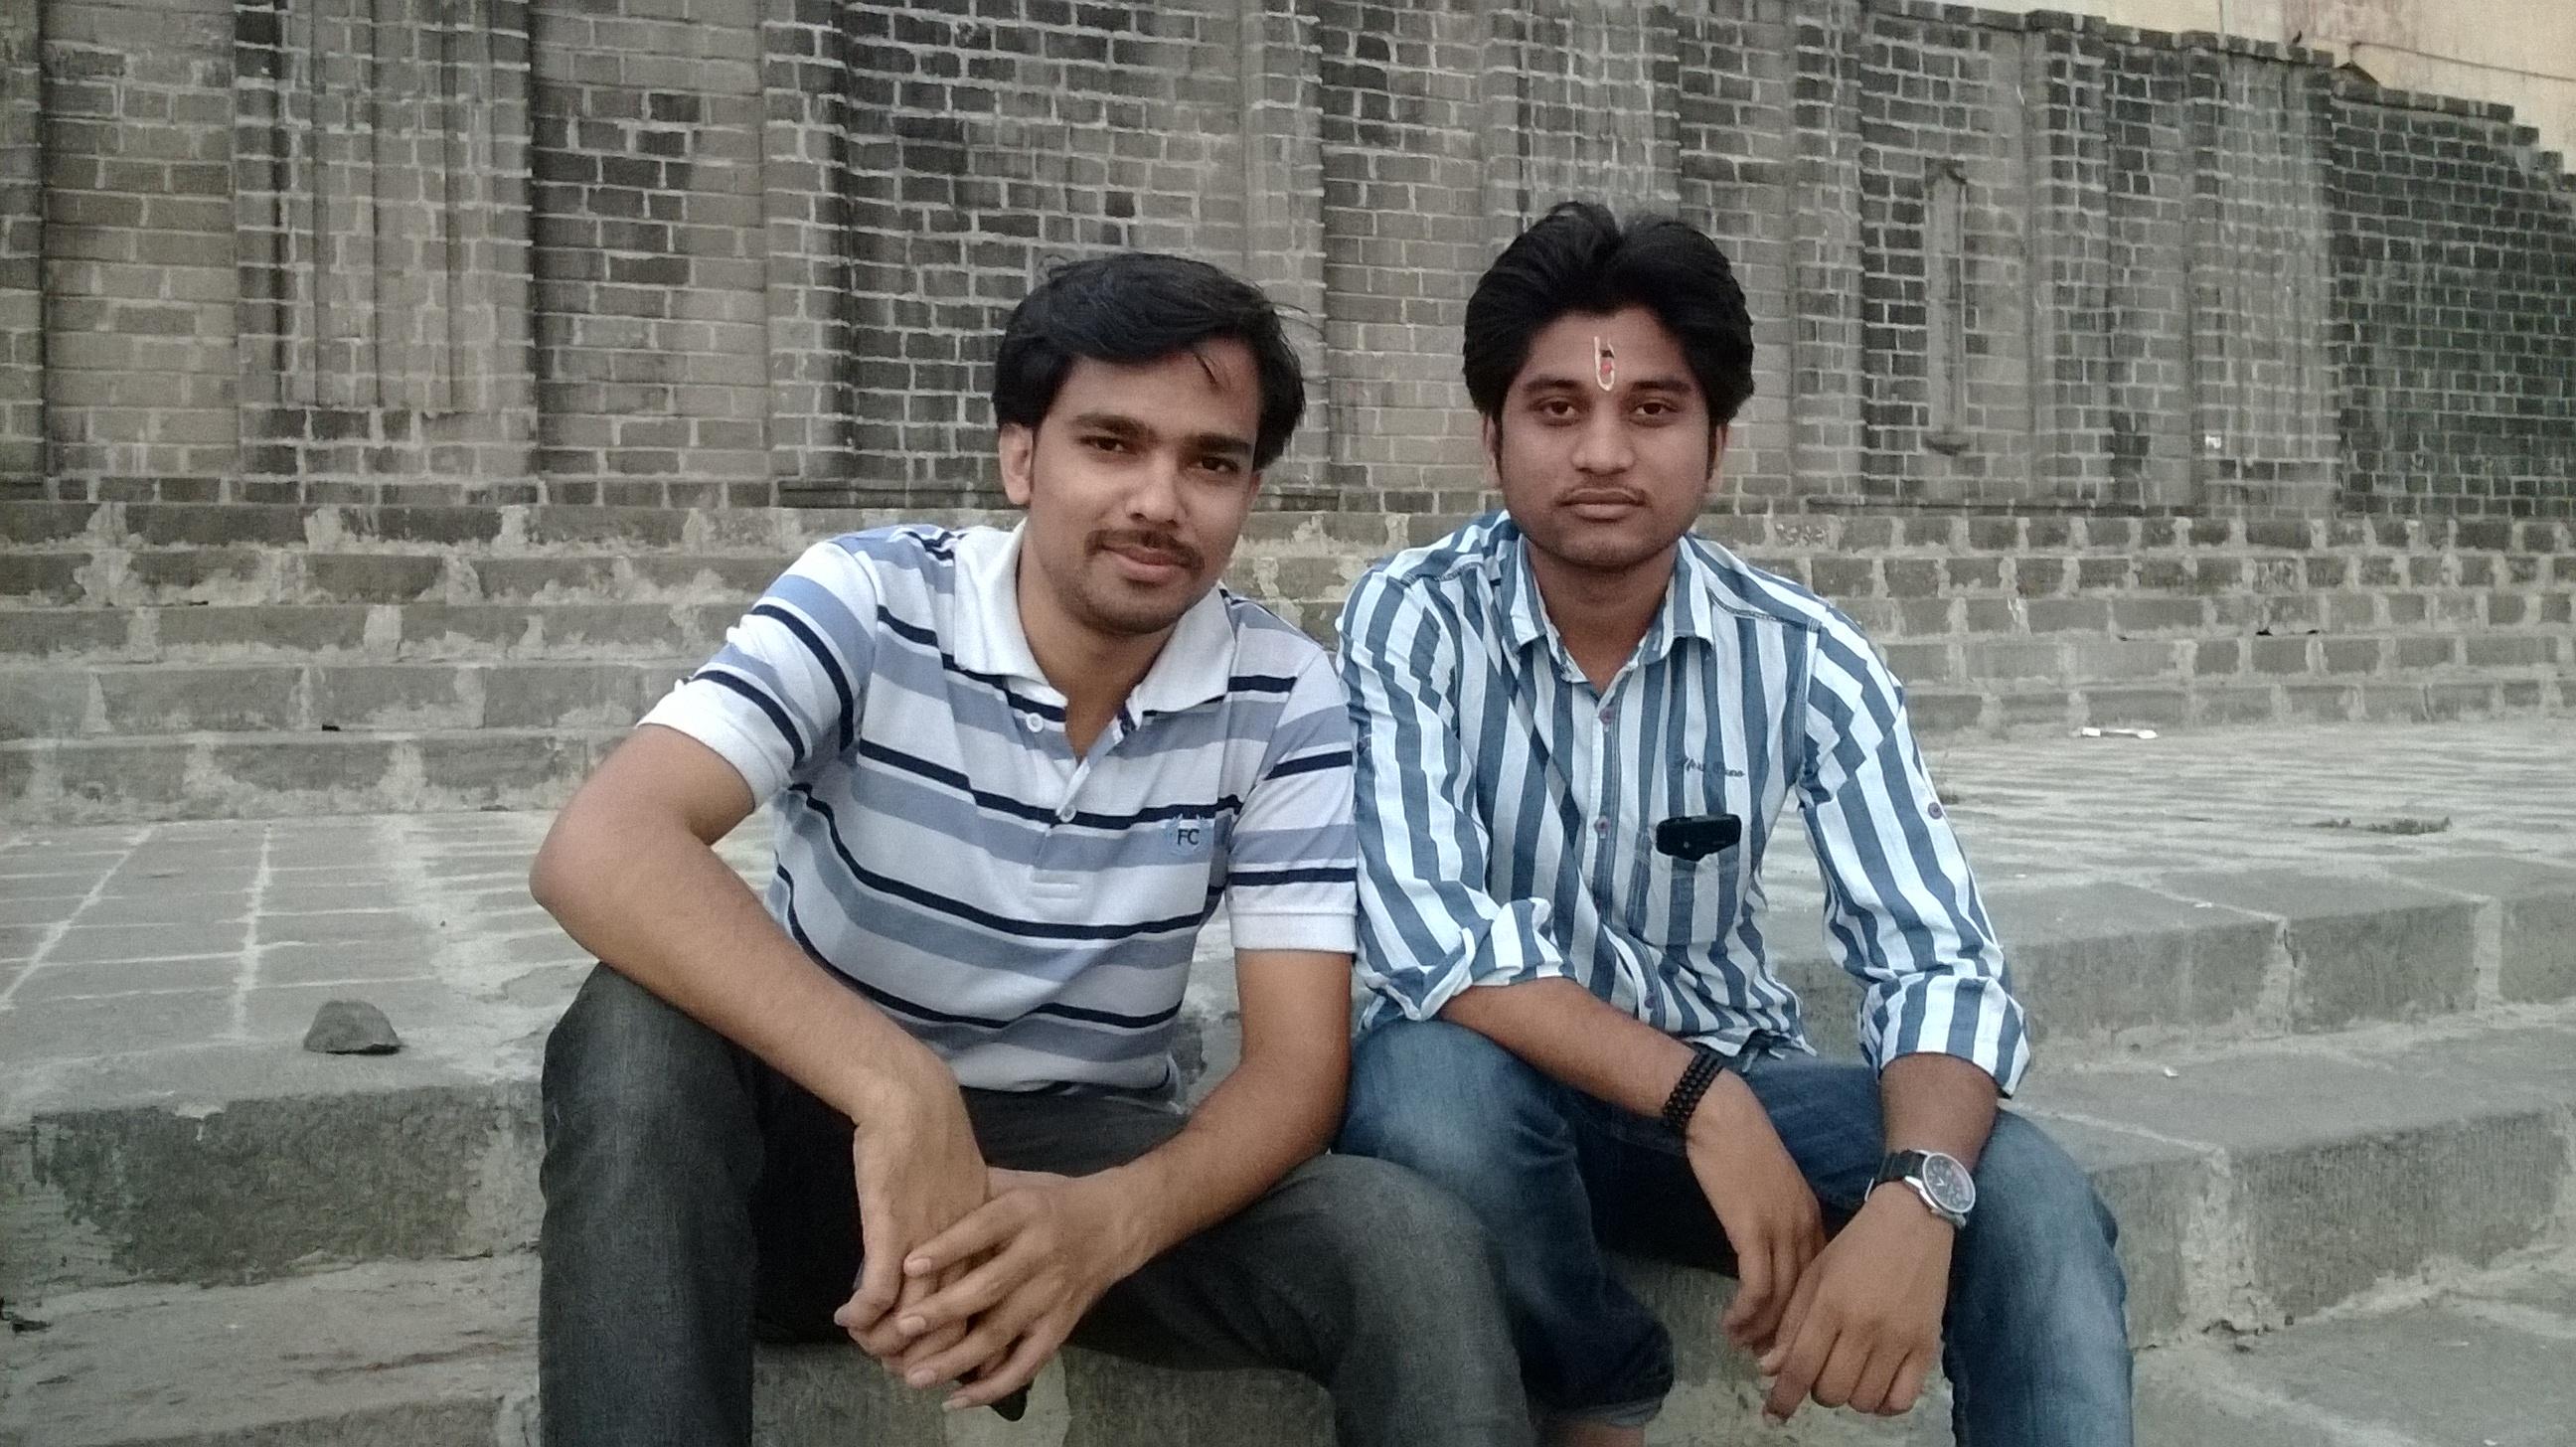 Chetan and Sagar